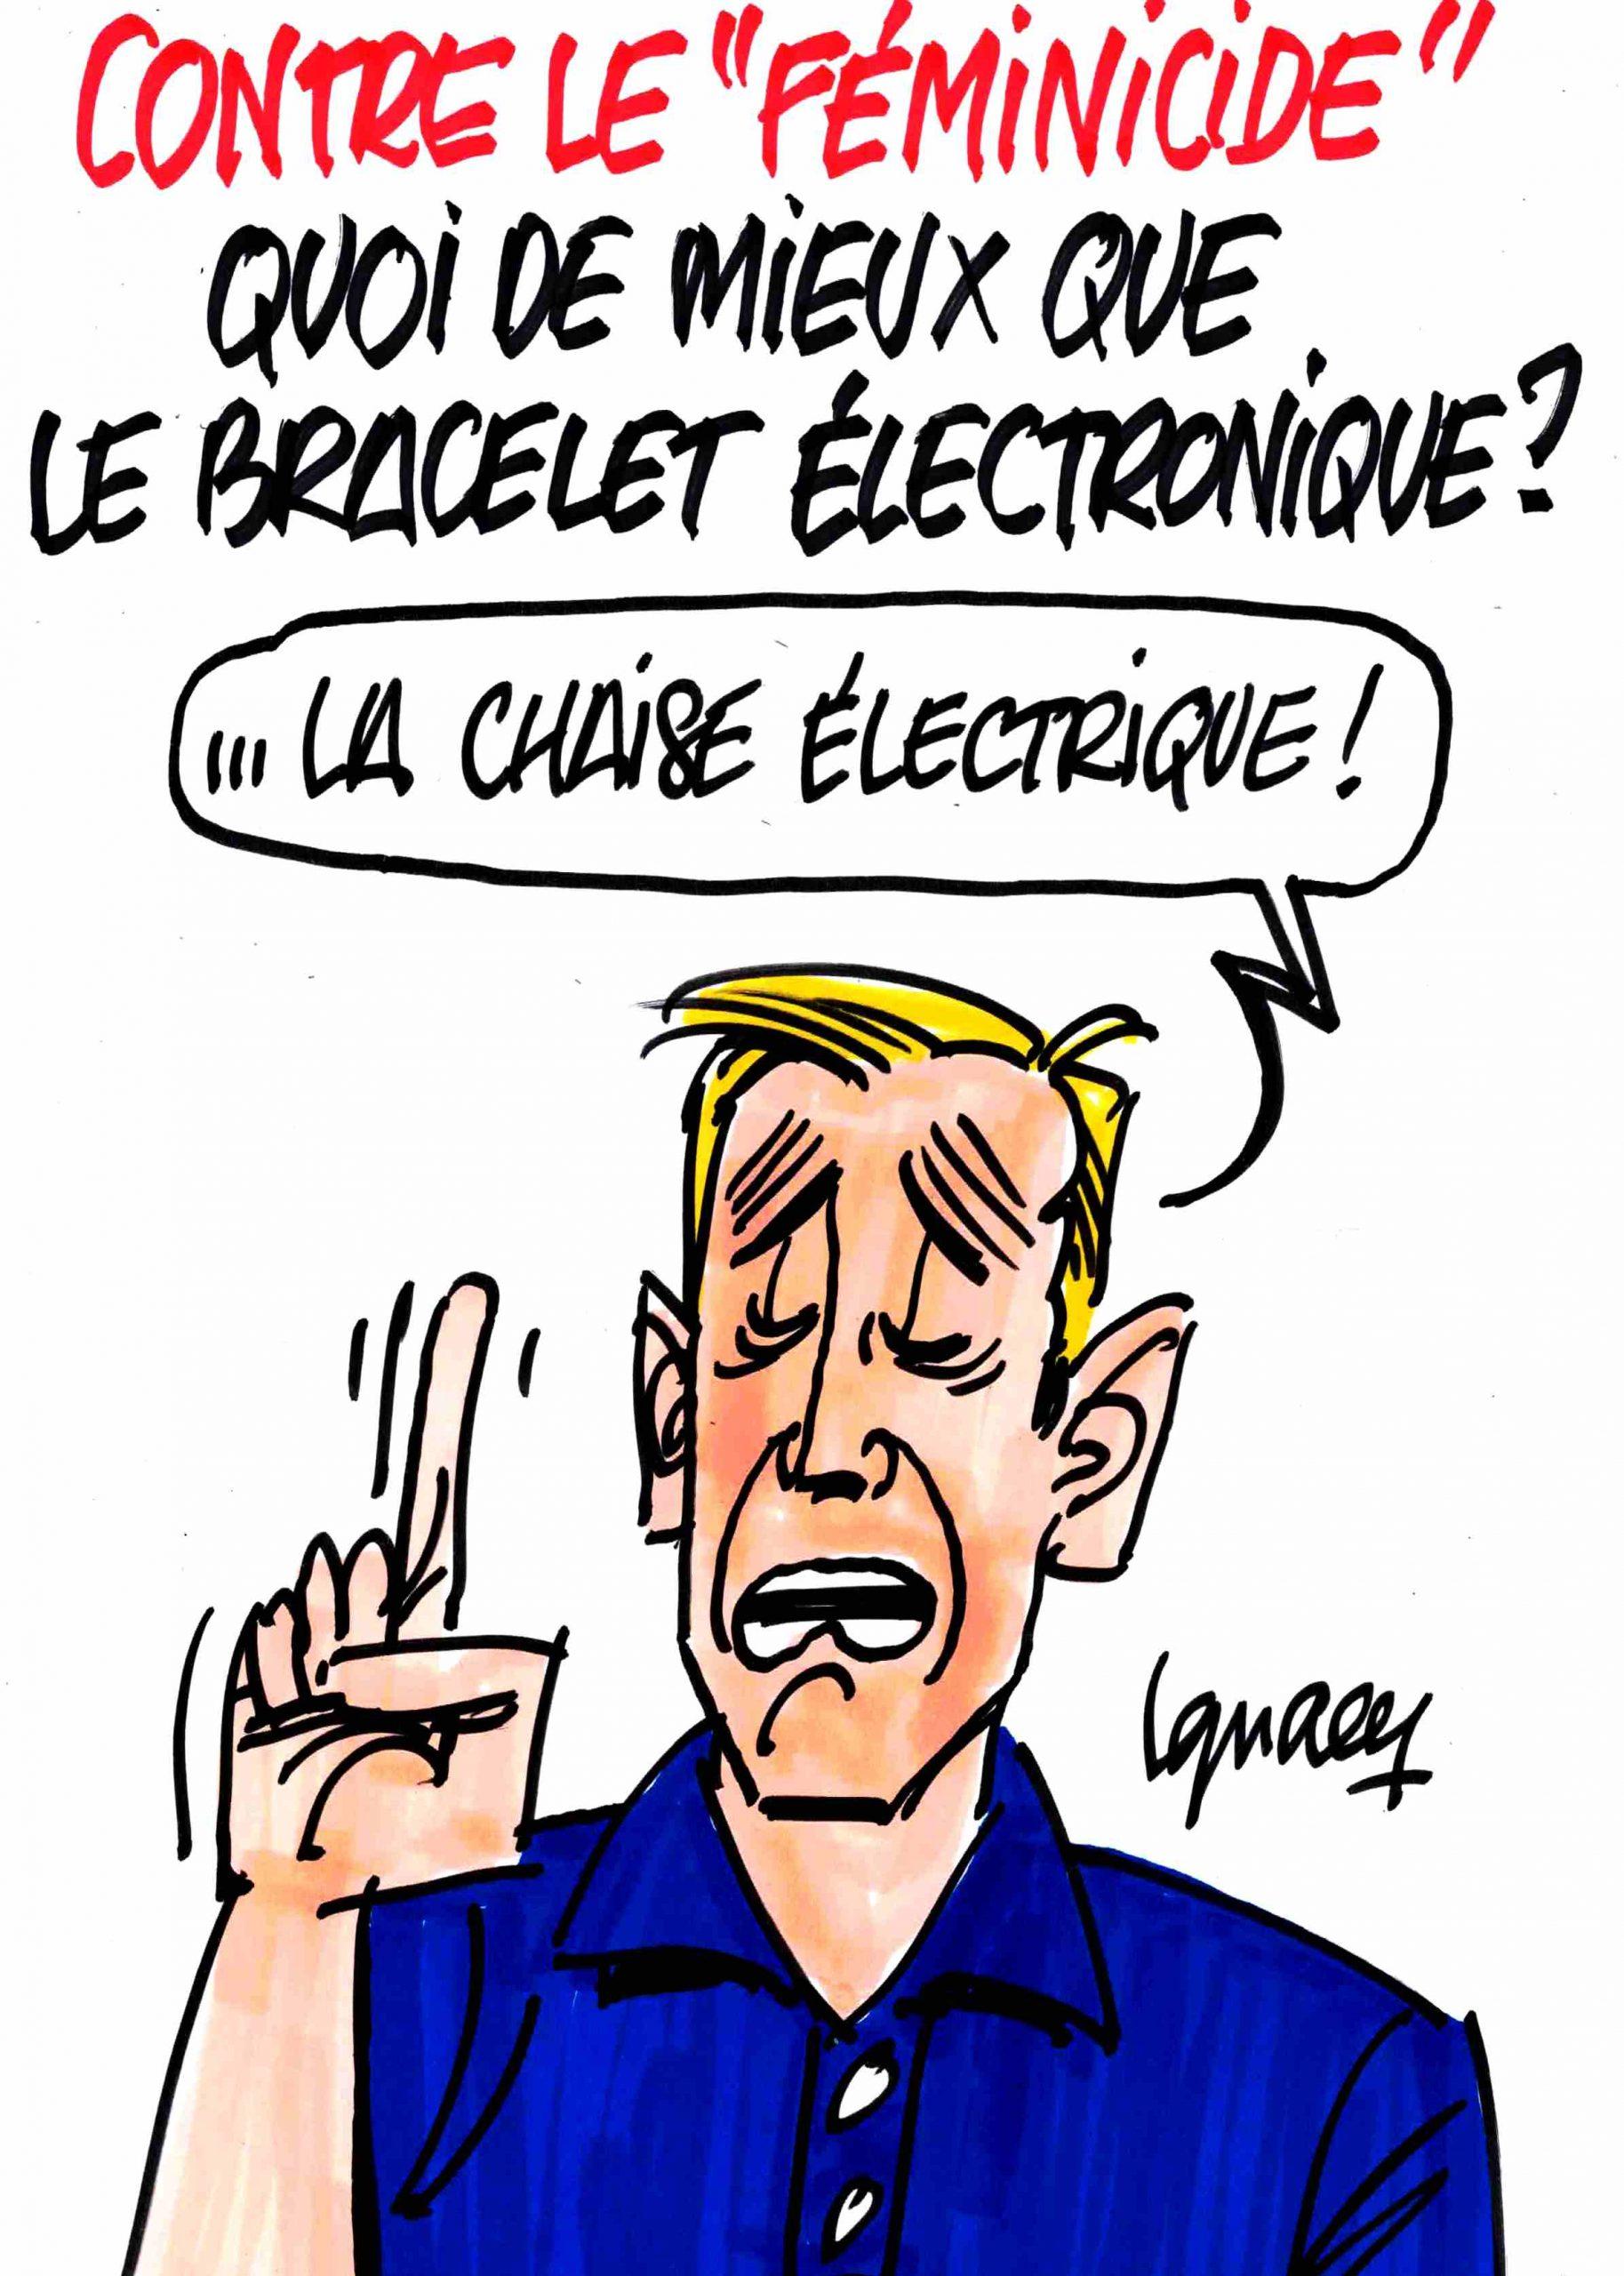 Ignace - Y a-t-il mieux que le bracelet électronique ?